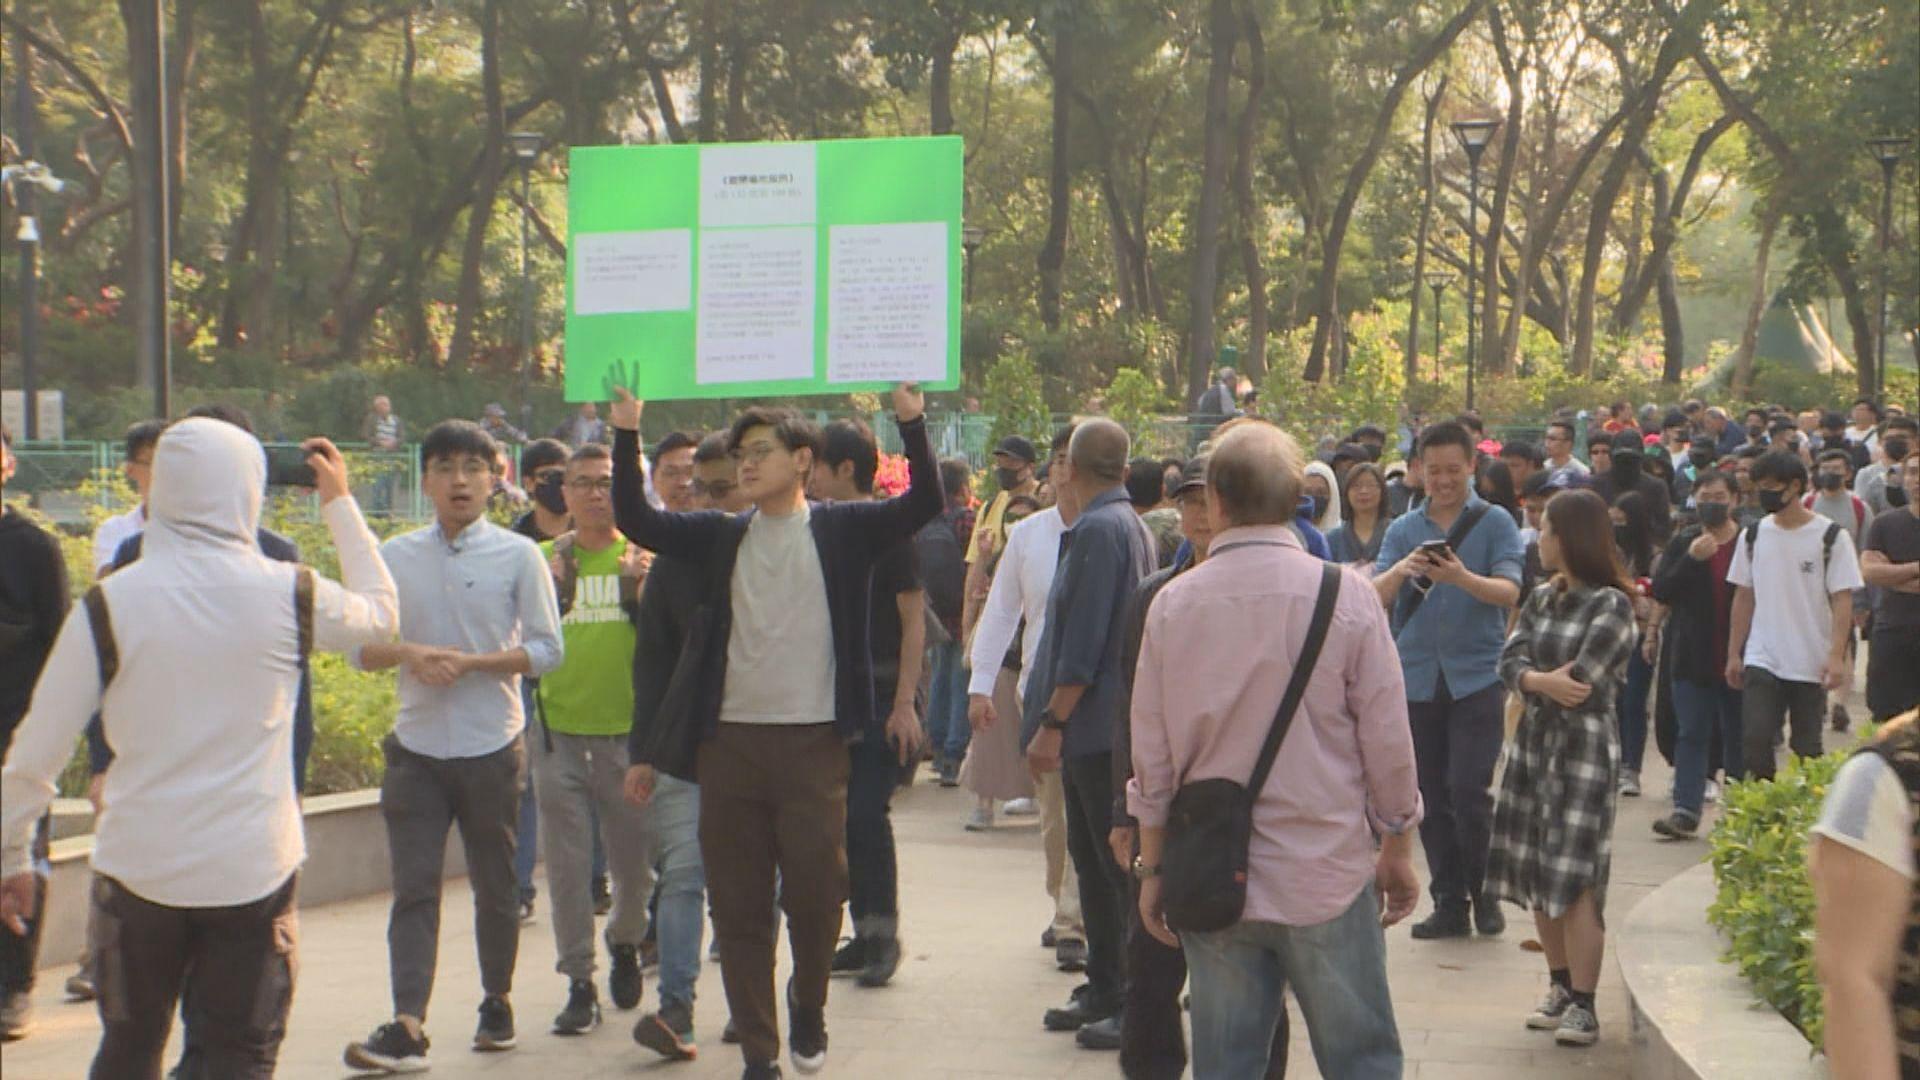 區議員輪流巡視 屯門公園歌舞表演減少